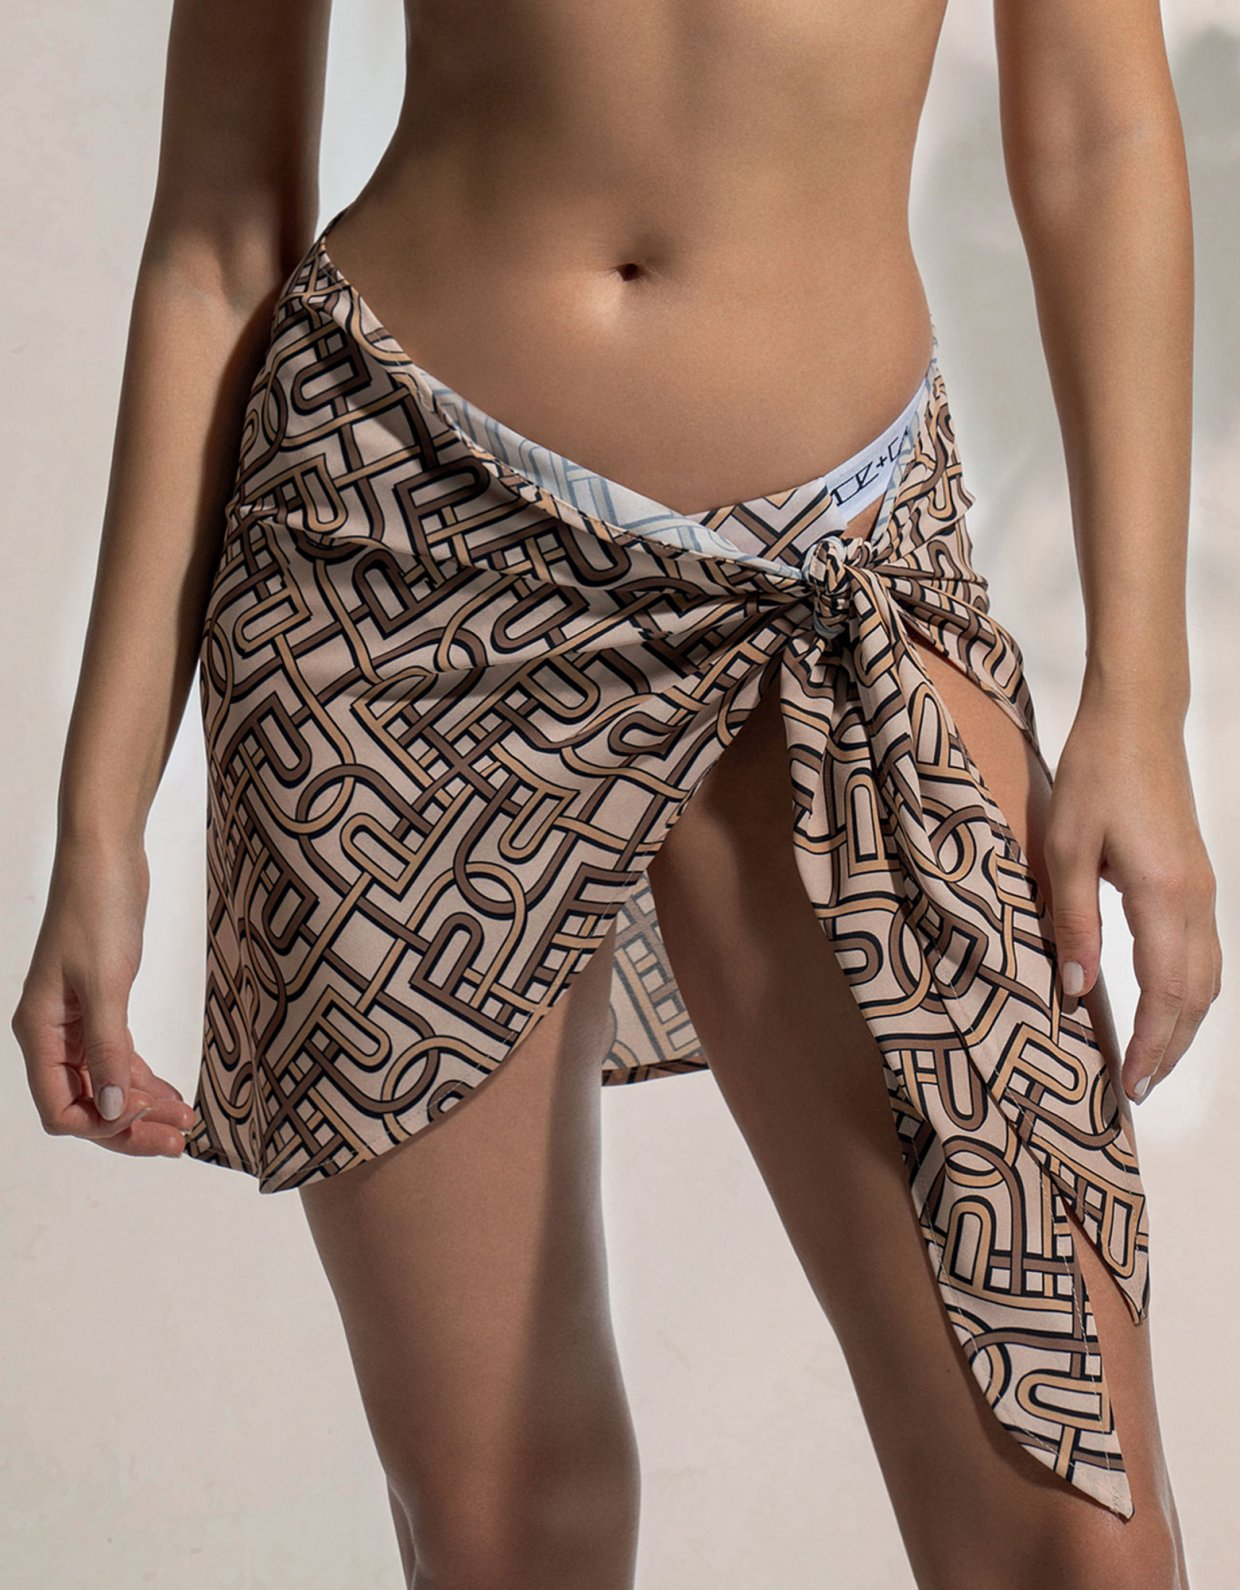 Peace & Chaos P&C pattern sarong